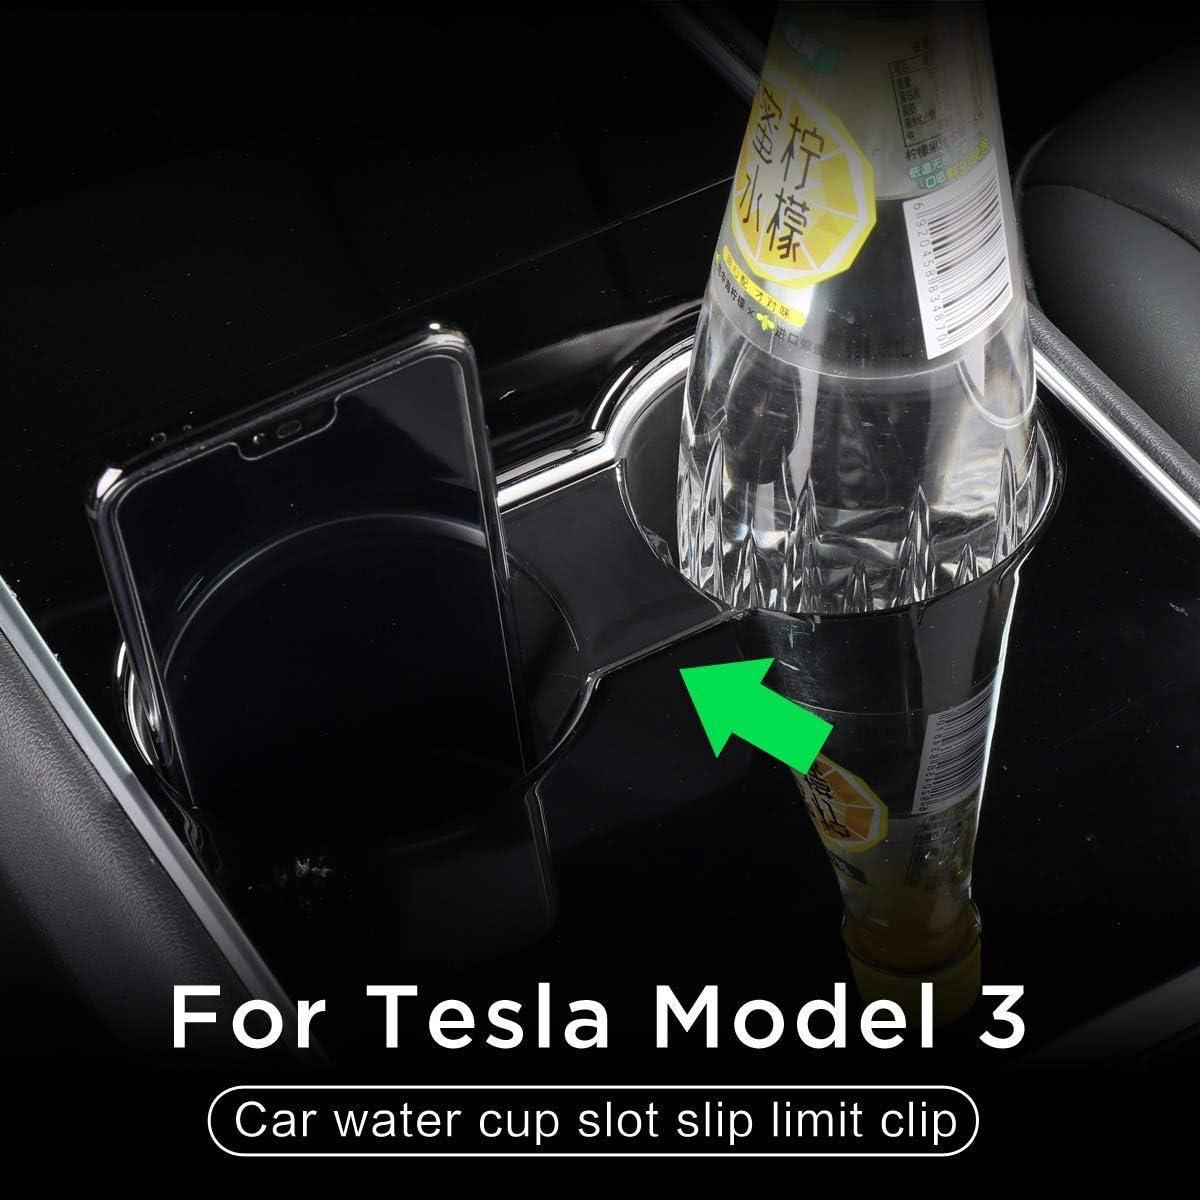 L/&U Voiture Tasse deau sous Slip Limit Clip pour Tesla Model 3 2017-2019 ABS Voiture Porte-gobelet limiteur